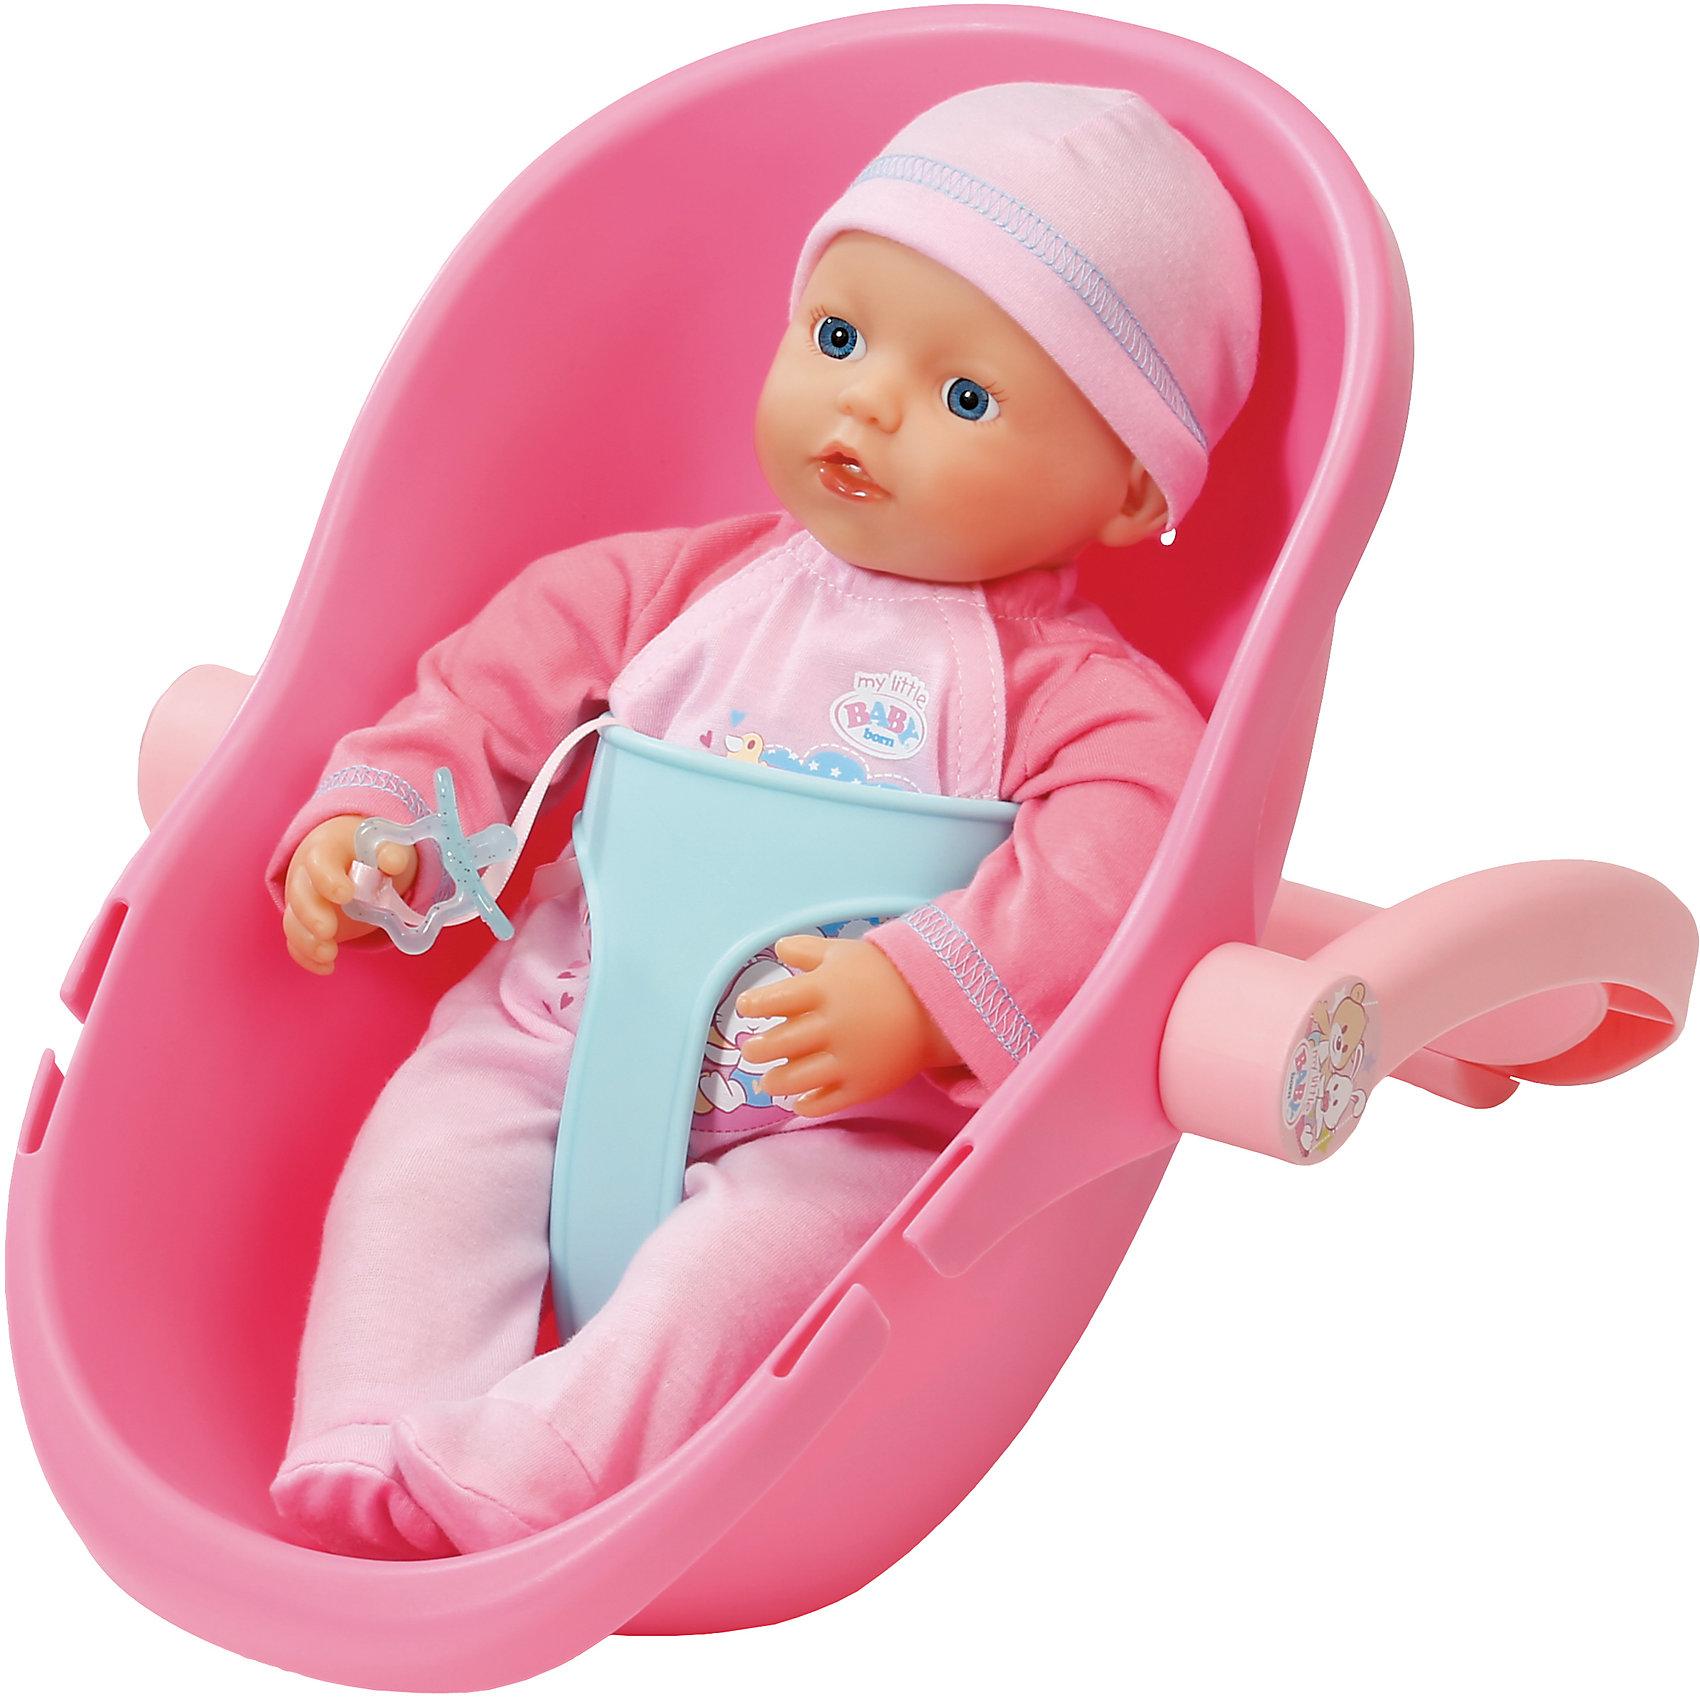 Кукла 32 см и кресло-переноска, my little BABY bornБренды кукол<br>Кукла My little baby одета в нежно-розовый комбинезон с логотипом, на голове у нее - прелестная шапочка. Высота куклы составляет 32 см.<br>В комплект входит переноска, она легкая и удобная. Широкая ручка удобна для детей, ее можно перекидывать и использовать в качестве подставки для переноски. Также в набор входит пустышка, с помощью которой девочка сможет убаюкивать куклу.<br><br>Ширина мм: 413<br>Глубина мм: 258<br>Высота мм: 149<br>Вес г: 765<br>Возраст от месяцев: 12<br>Возраст до месяцев: 36<br>Пол: Женский<br>Возраст: Детский<br>SKU: 4319352